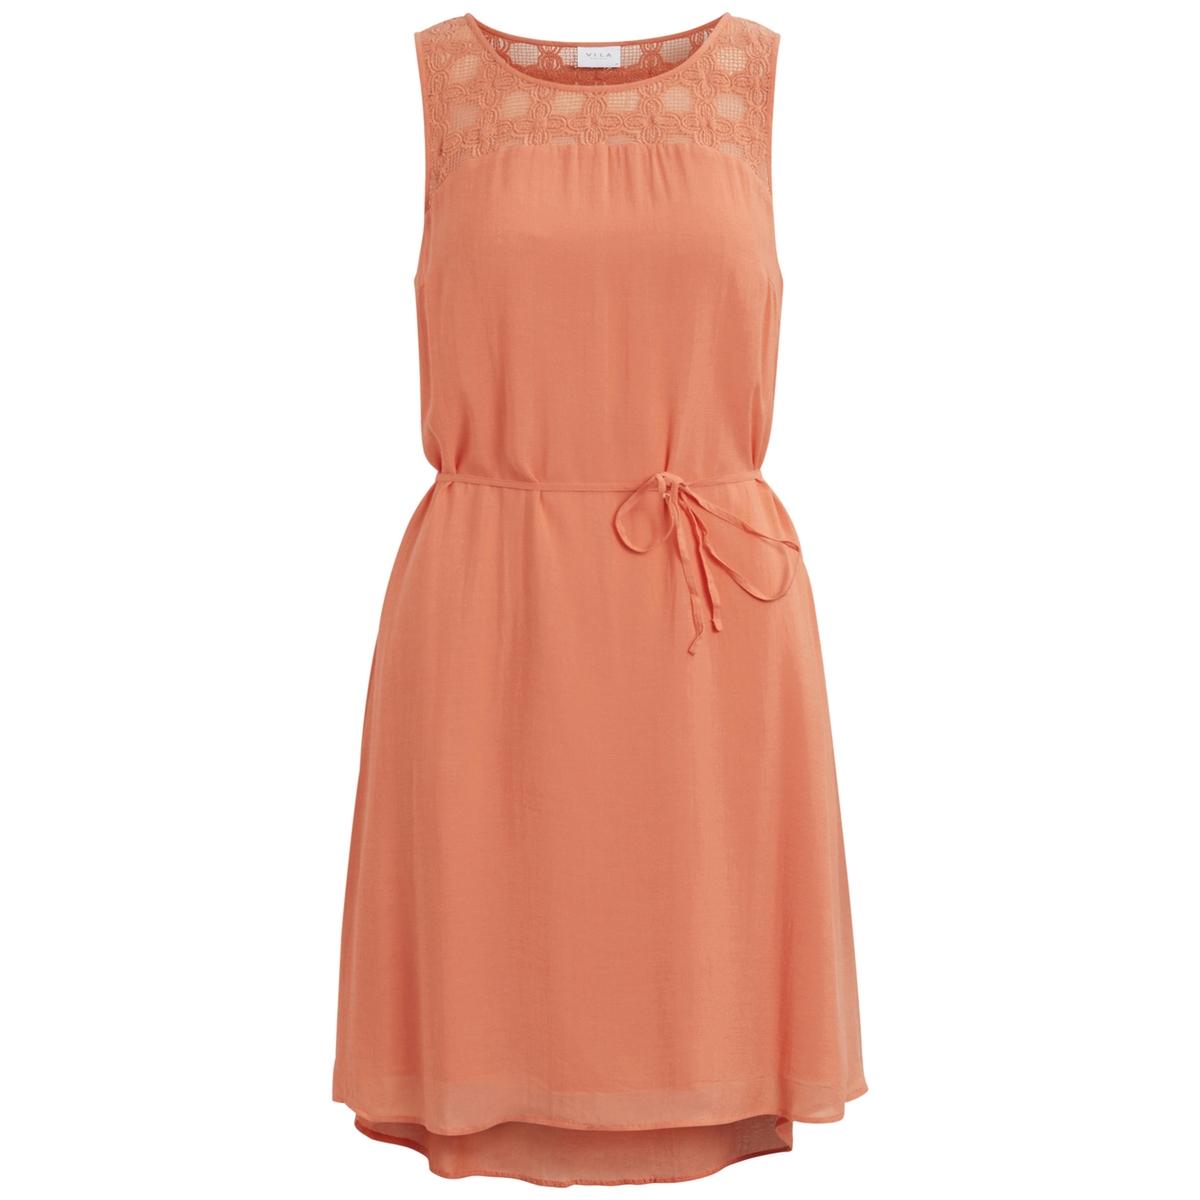 Платье короткое, без рукавовДетали •  Форма : расклешенная •  короткое   •  Без рукавов     •  Круглый вырезСостав и уход •  100% вискоза   •  Следуйте советам по уходу, указанным на этикетке<br><br>Цвет: оранжевый